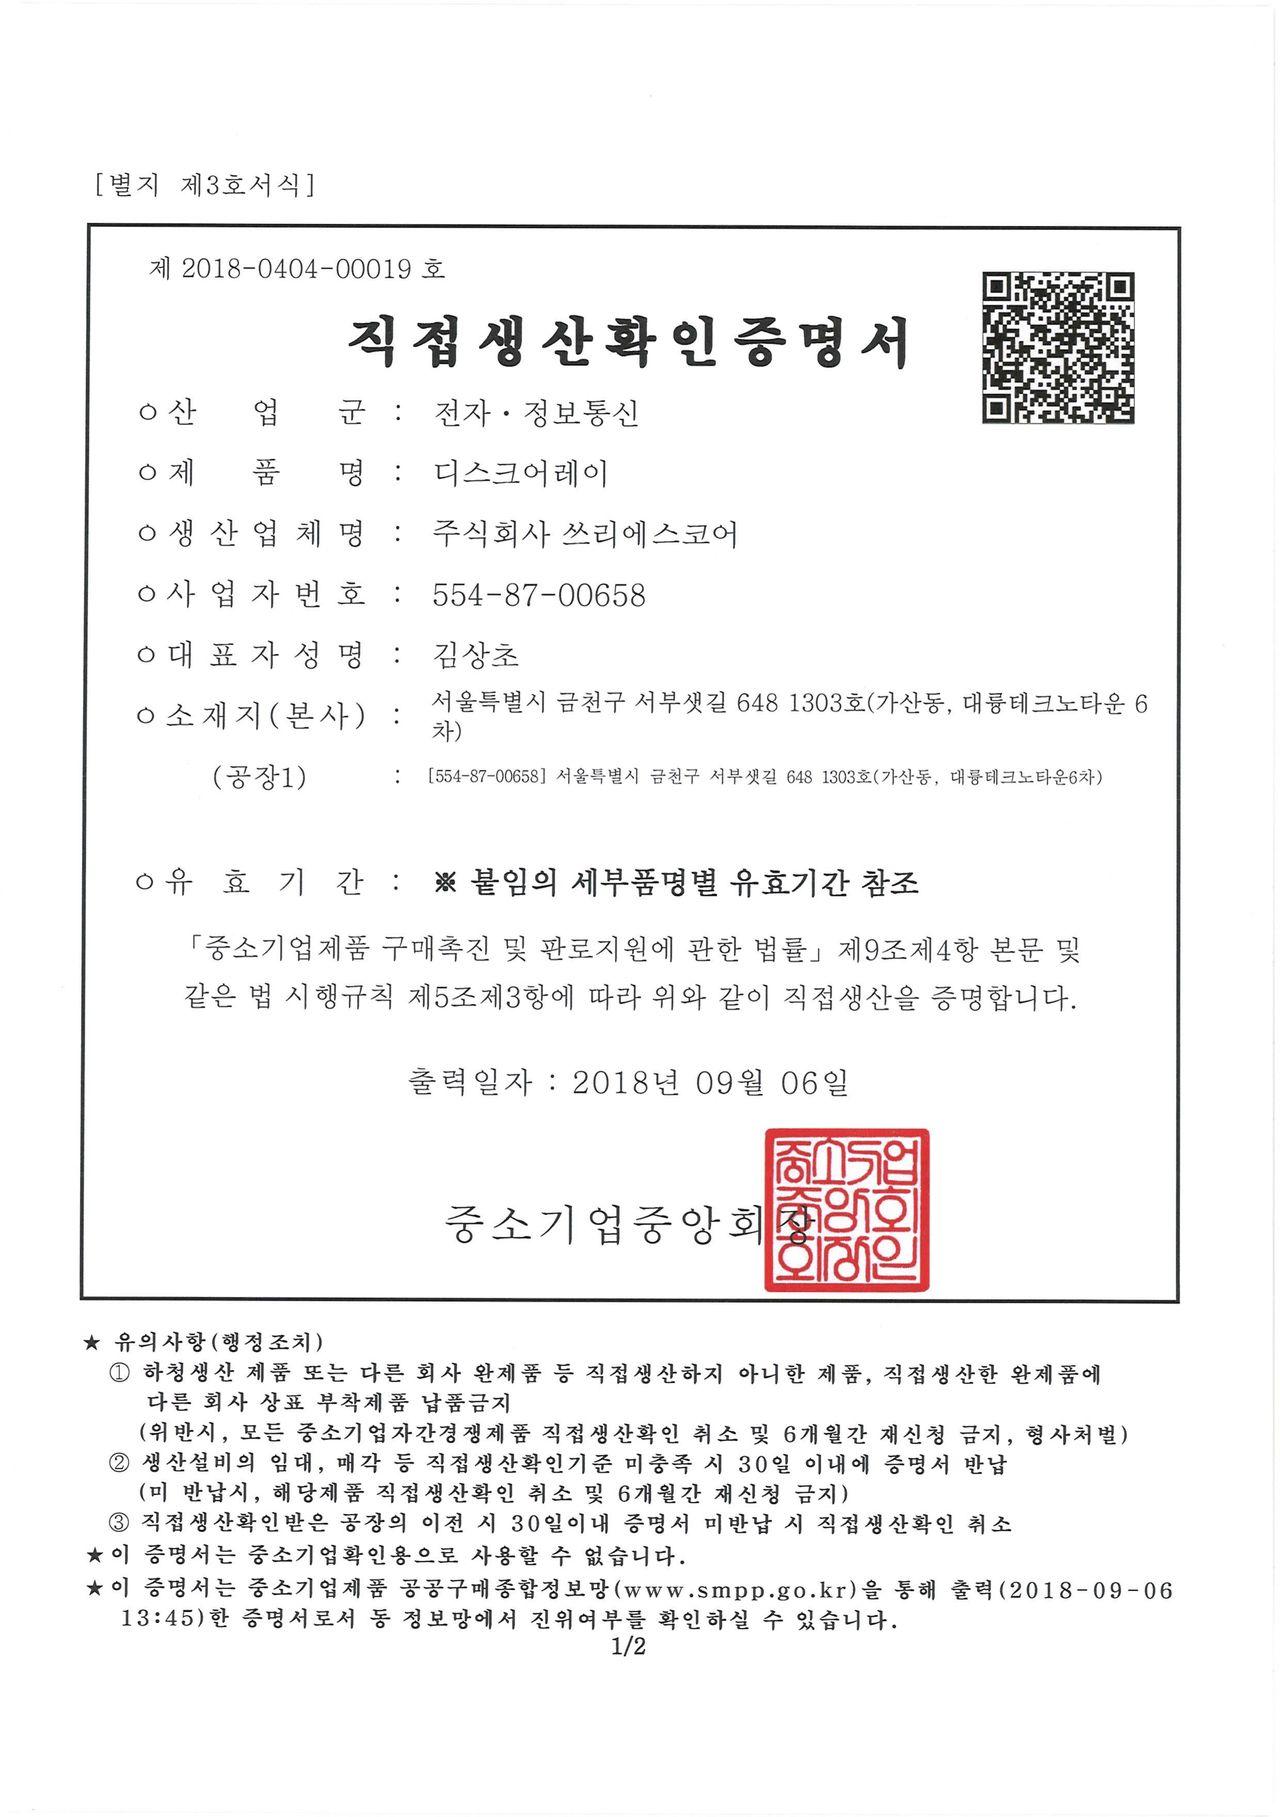 디스크어레이_직접생산확인증명서